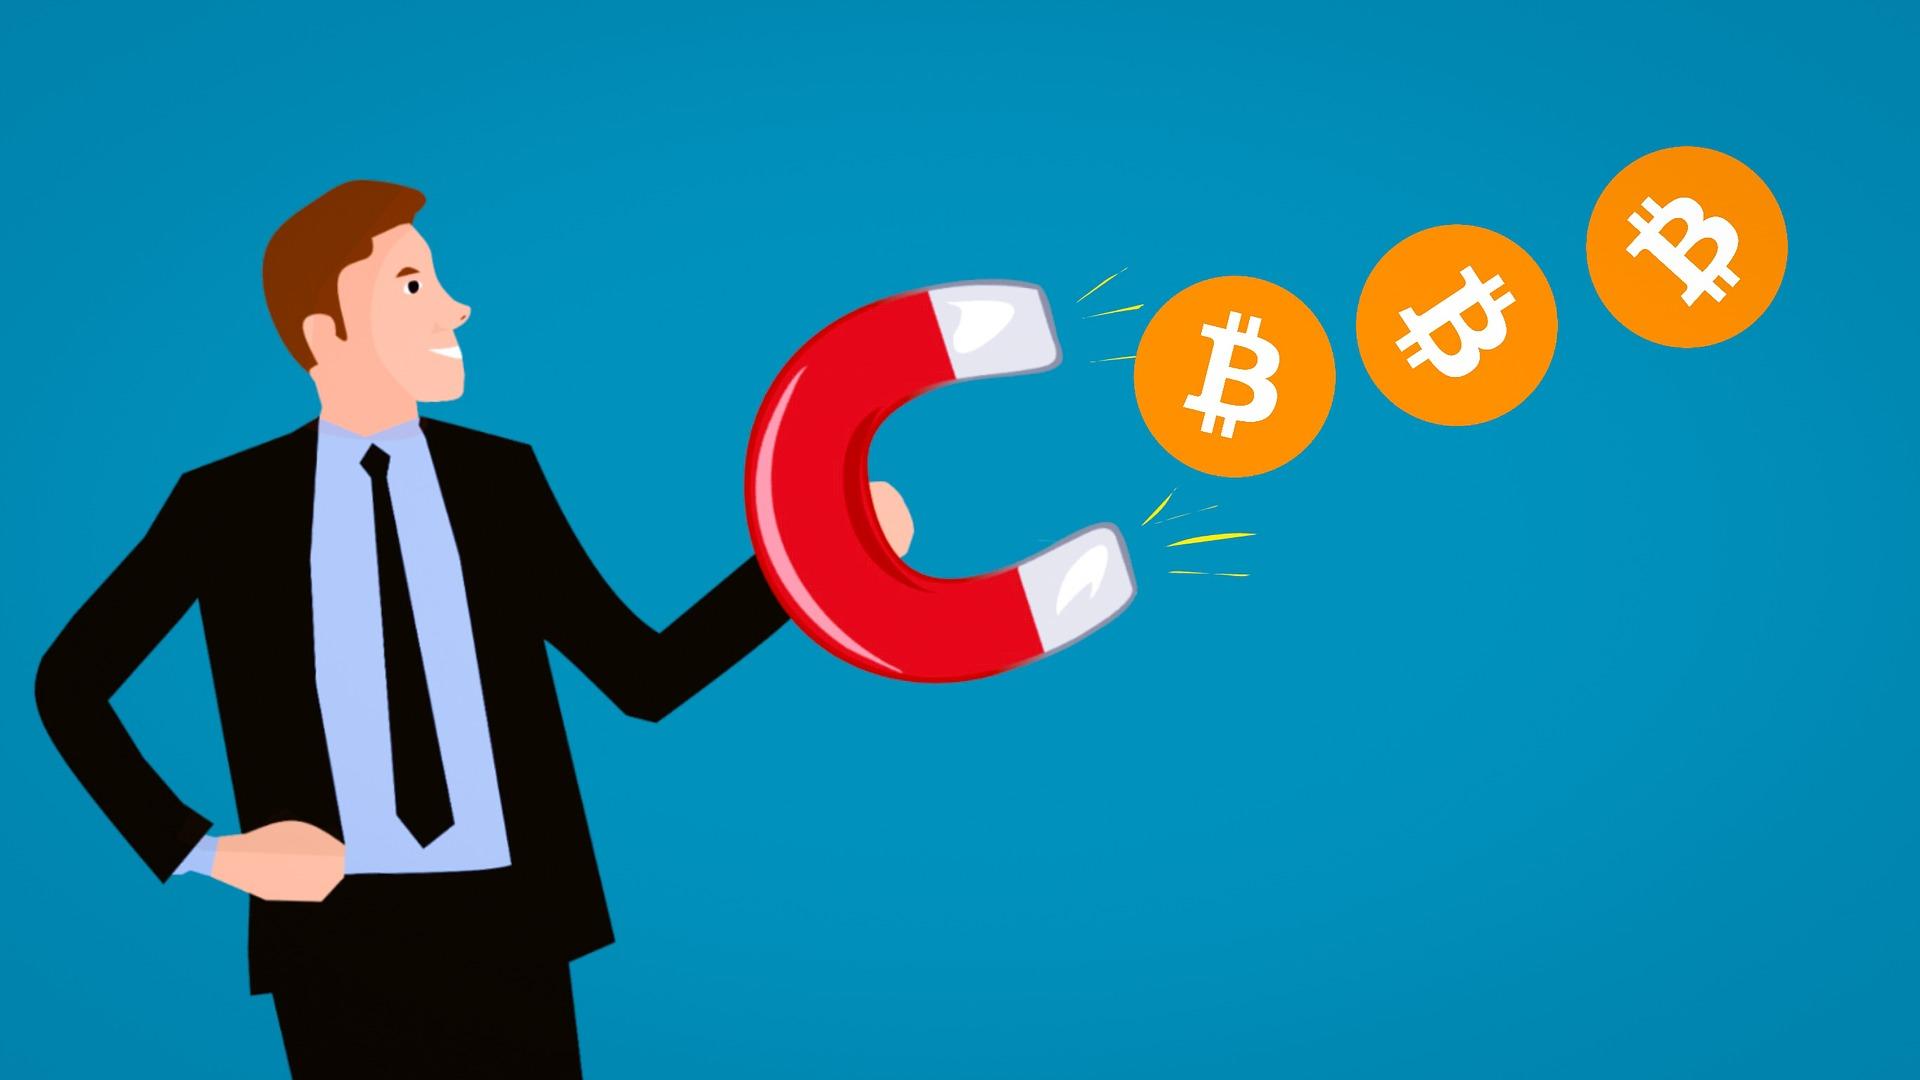 Grayscale报告:央行数字货币有助于比特币的增长-币安资讯网